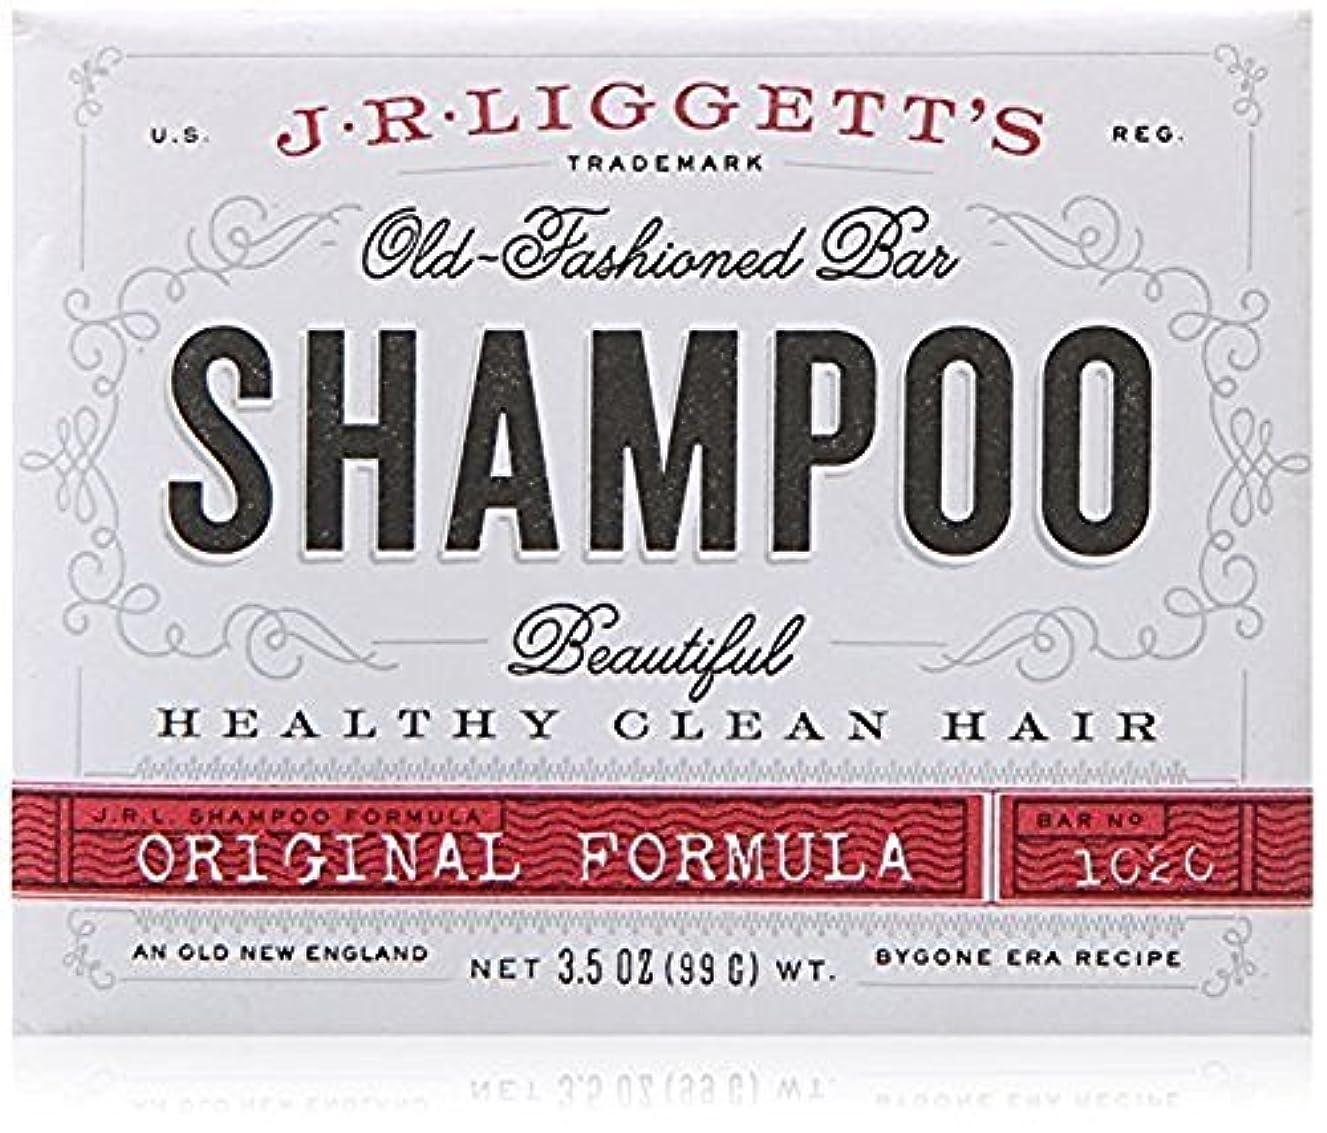 フクロウ超高層ビルインドx J.R.Liggett's Old-Fashioned Bar Shampoo The Original Formula - 3.5 oz by J.R. Liggett